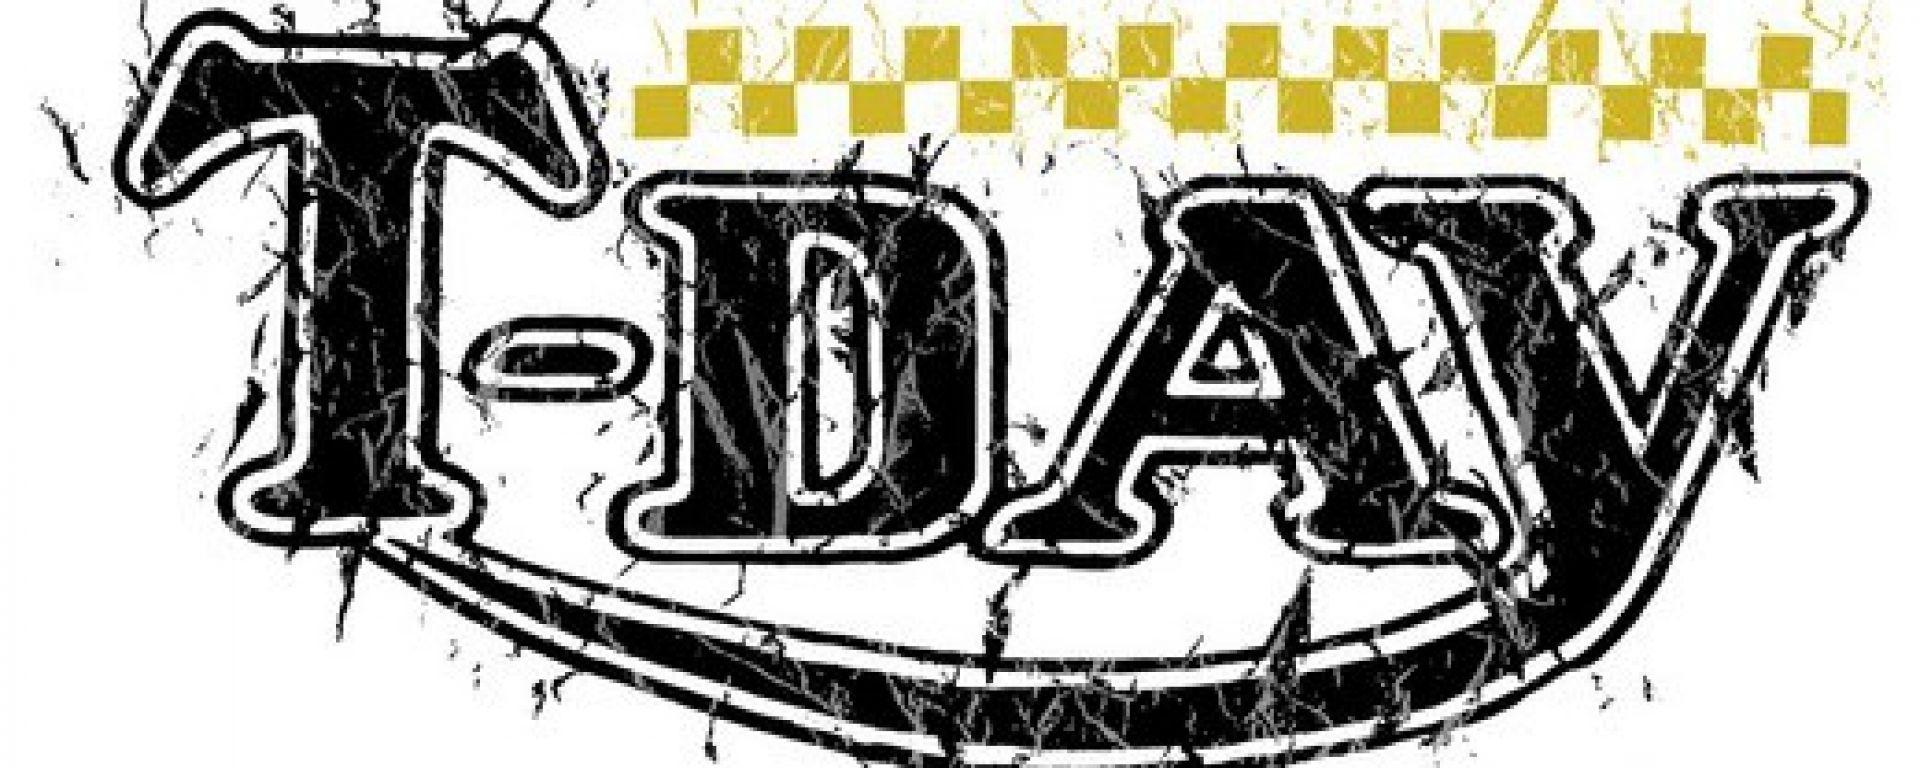 TRIUMPH DAY 2010: appuntamento a luglio